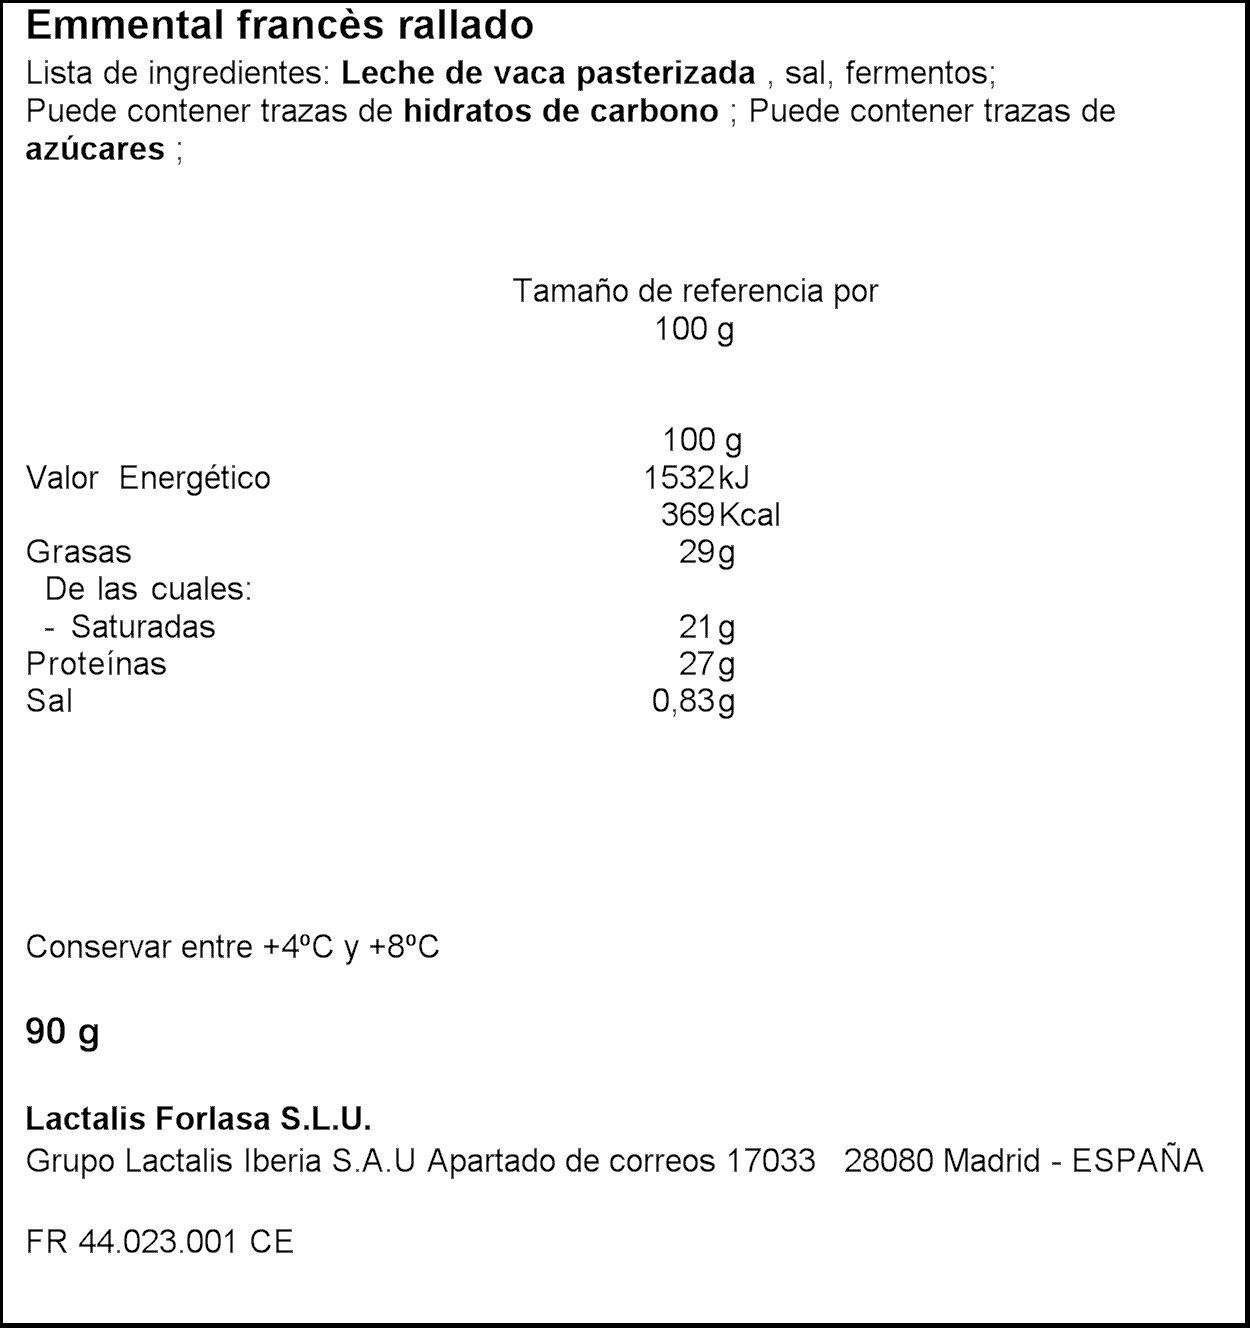 Président - Emmental Francés Rallado, Seleccionado, 90 g: Amazon.es: Alimentación y bebidas